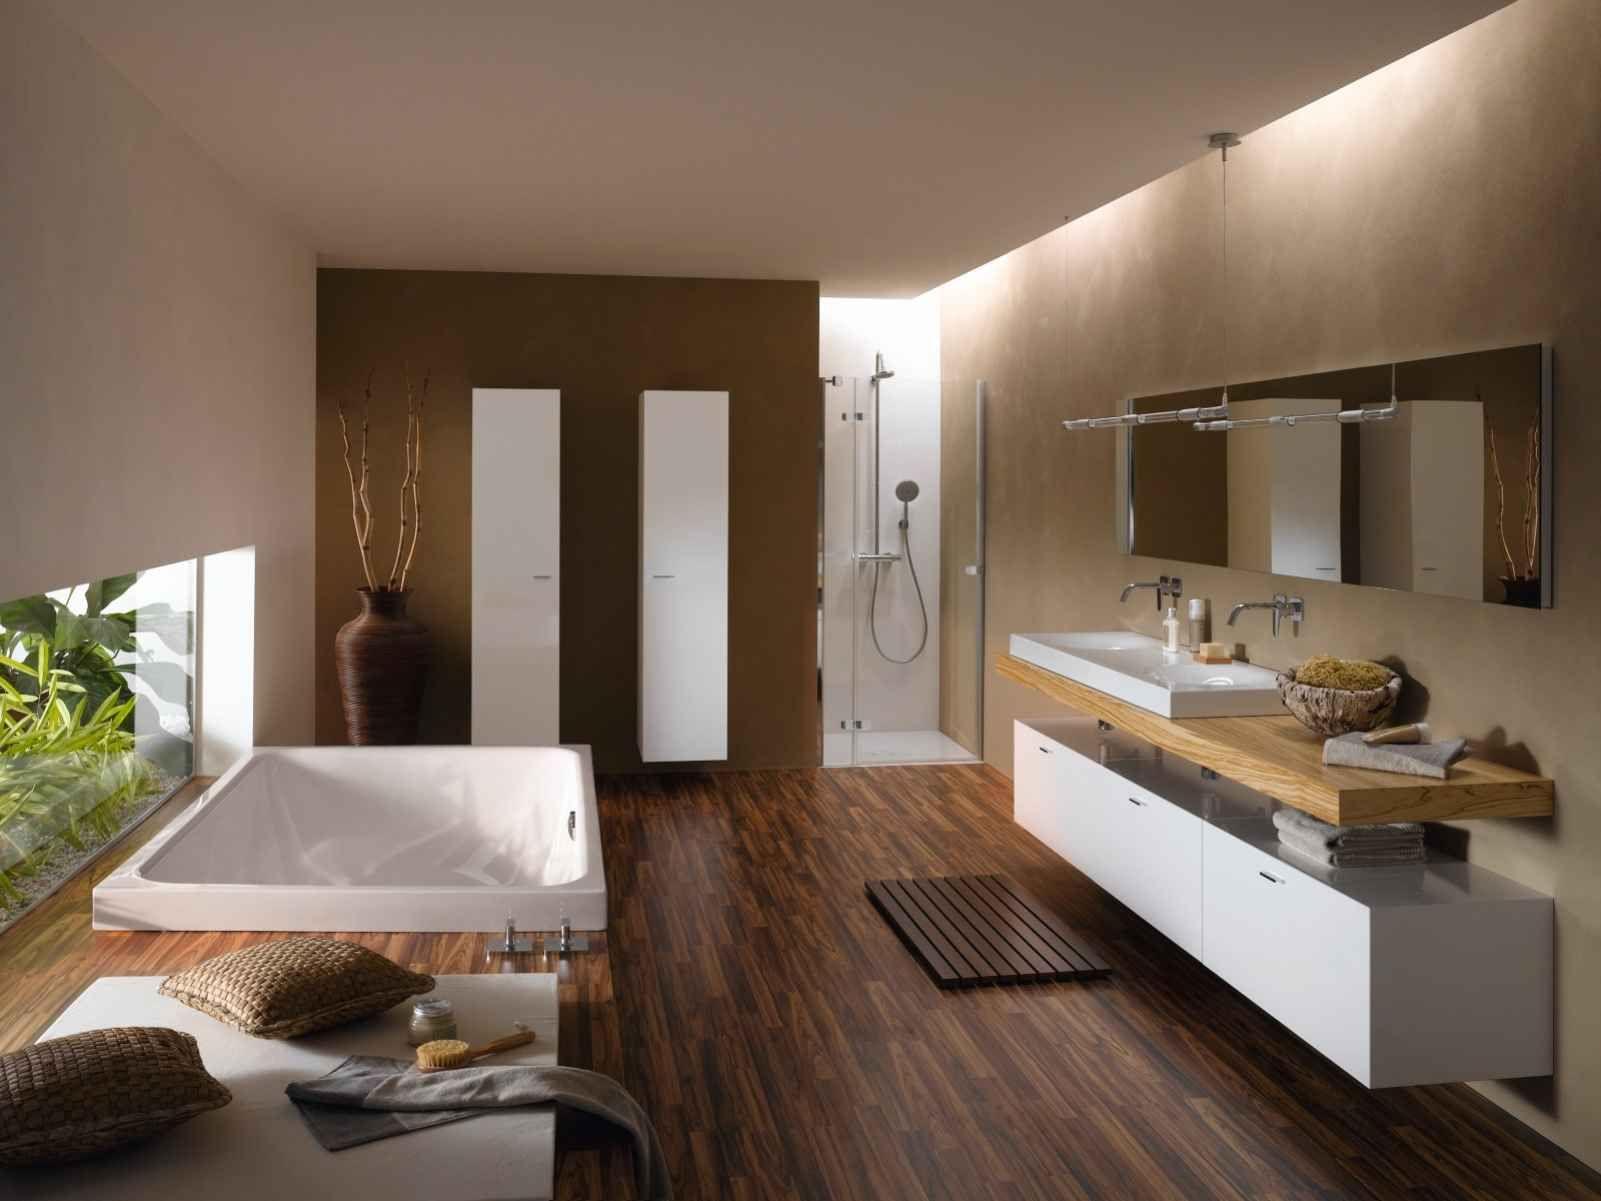 Moderne badezimmermöbel weiss  Badewanne Bette Spa im Bad mit hölzernen Badmöbeln | Badezimmer ...